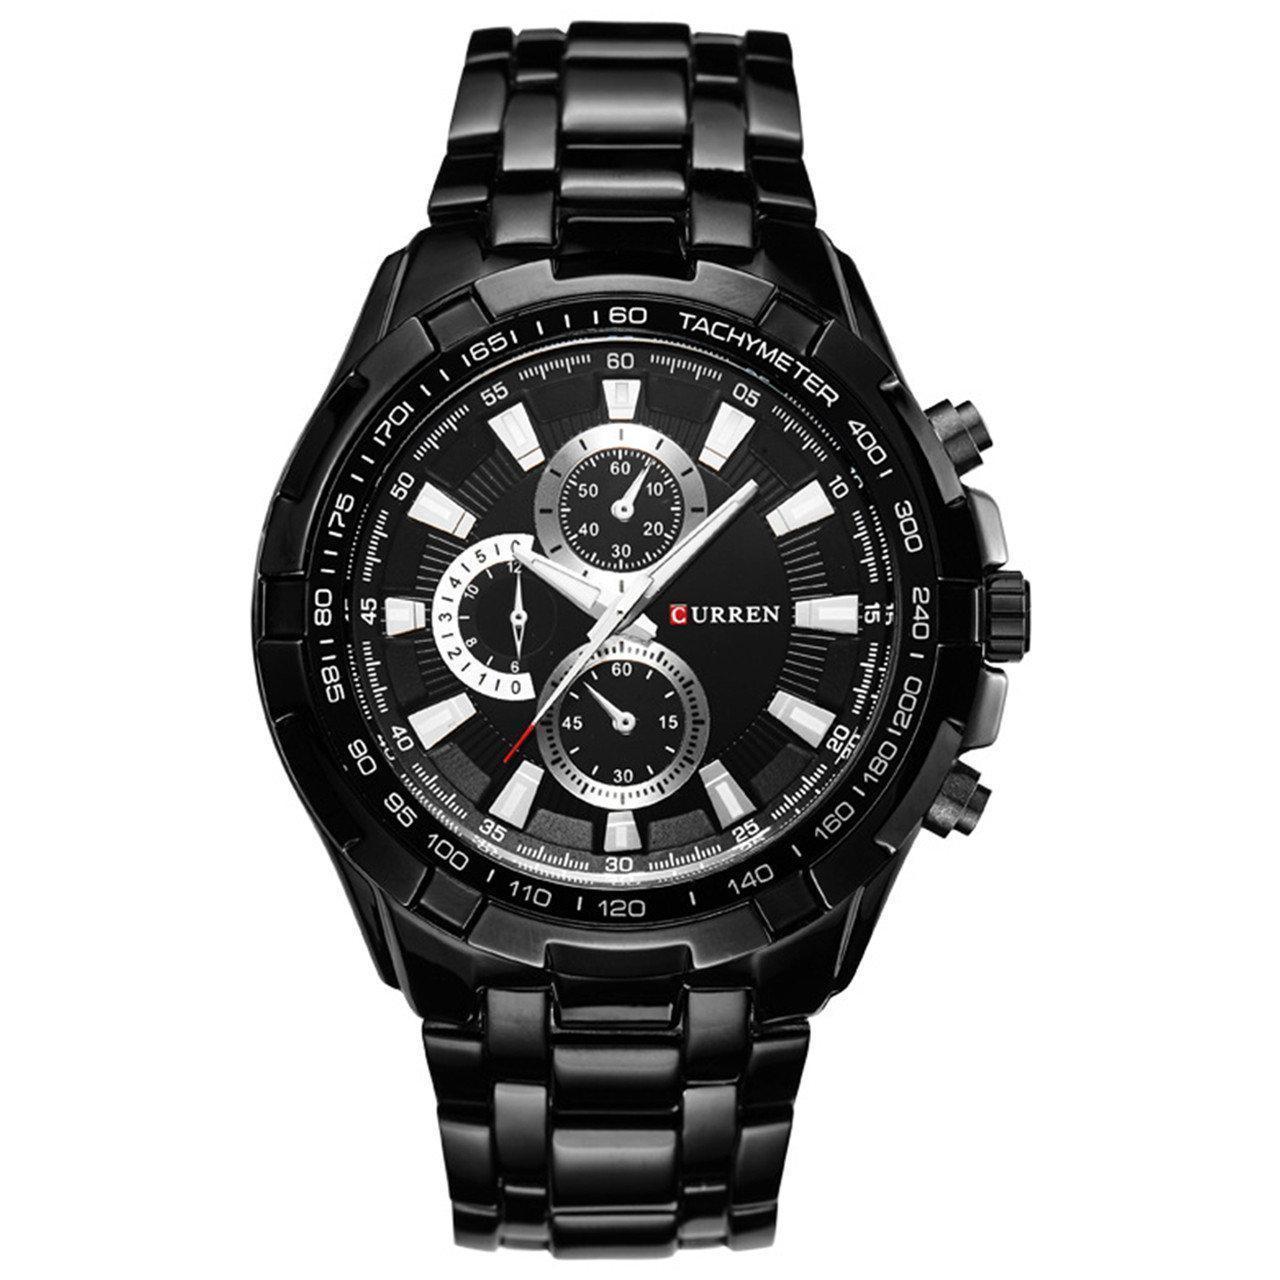 Наручные часы | Часы мужские Curren | Мужские часы наручные Curren 8023